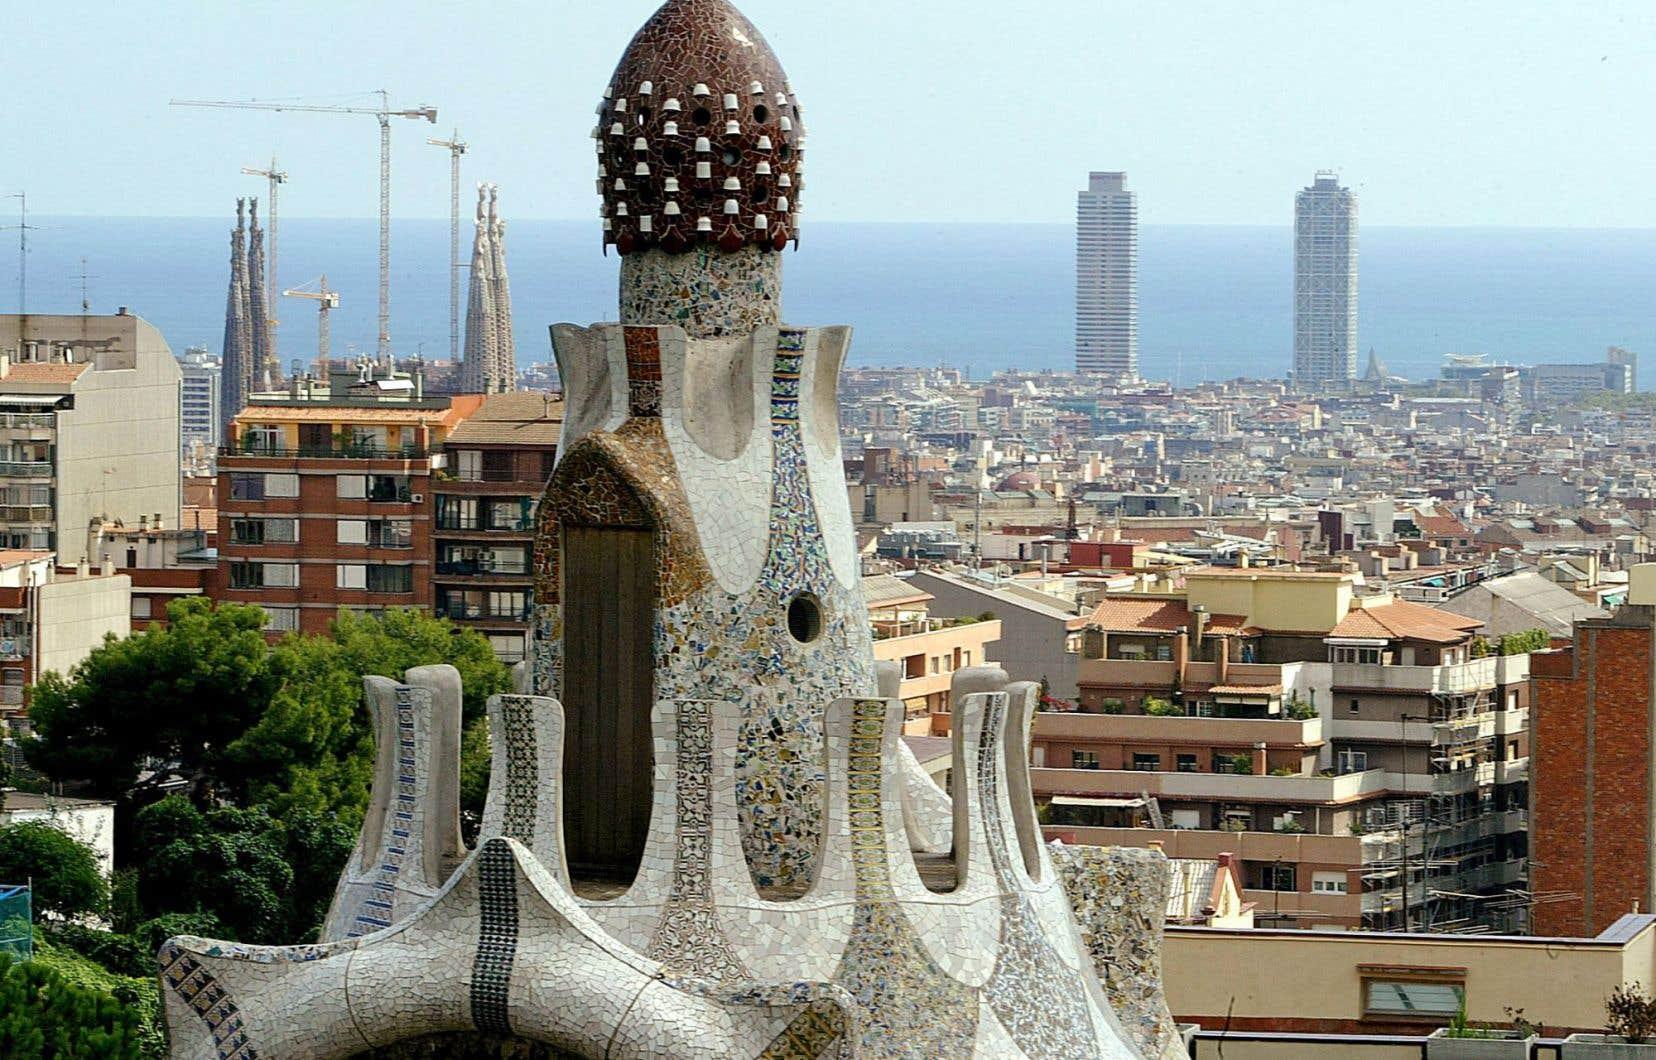 Barcelone, où se déroule la moitié du programme estival du Centre Mosaic de HEC, est une ville alliant innovations et traditions qui attire des créateurs de partout.